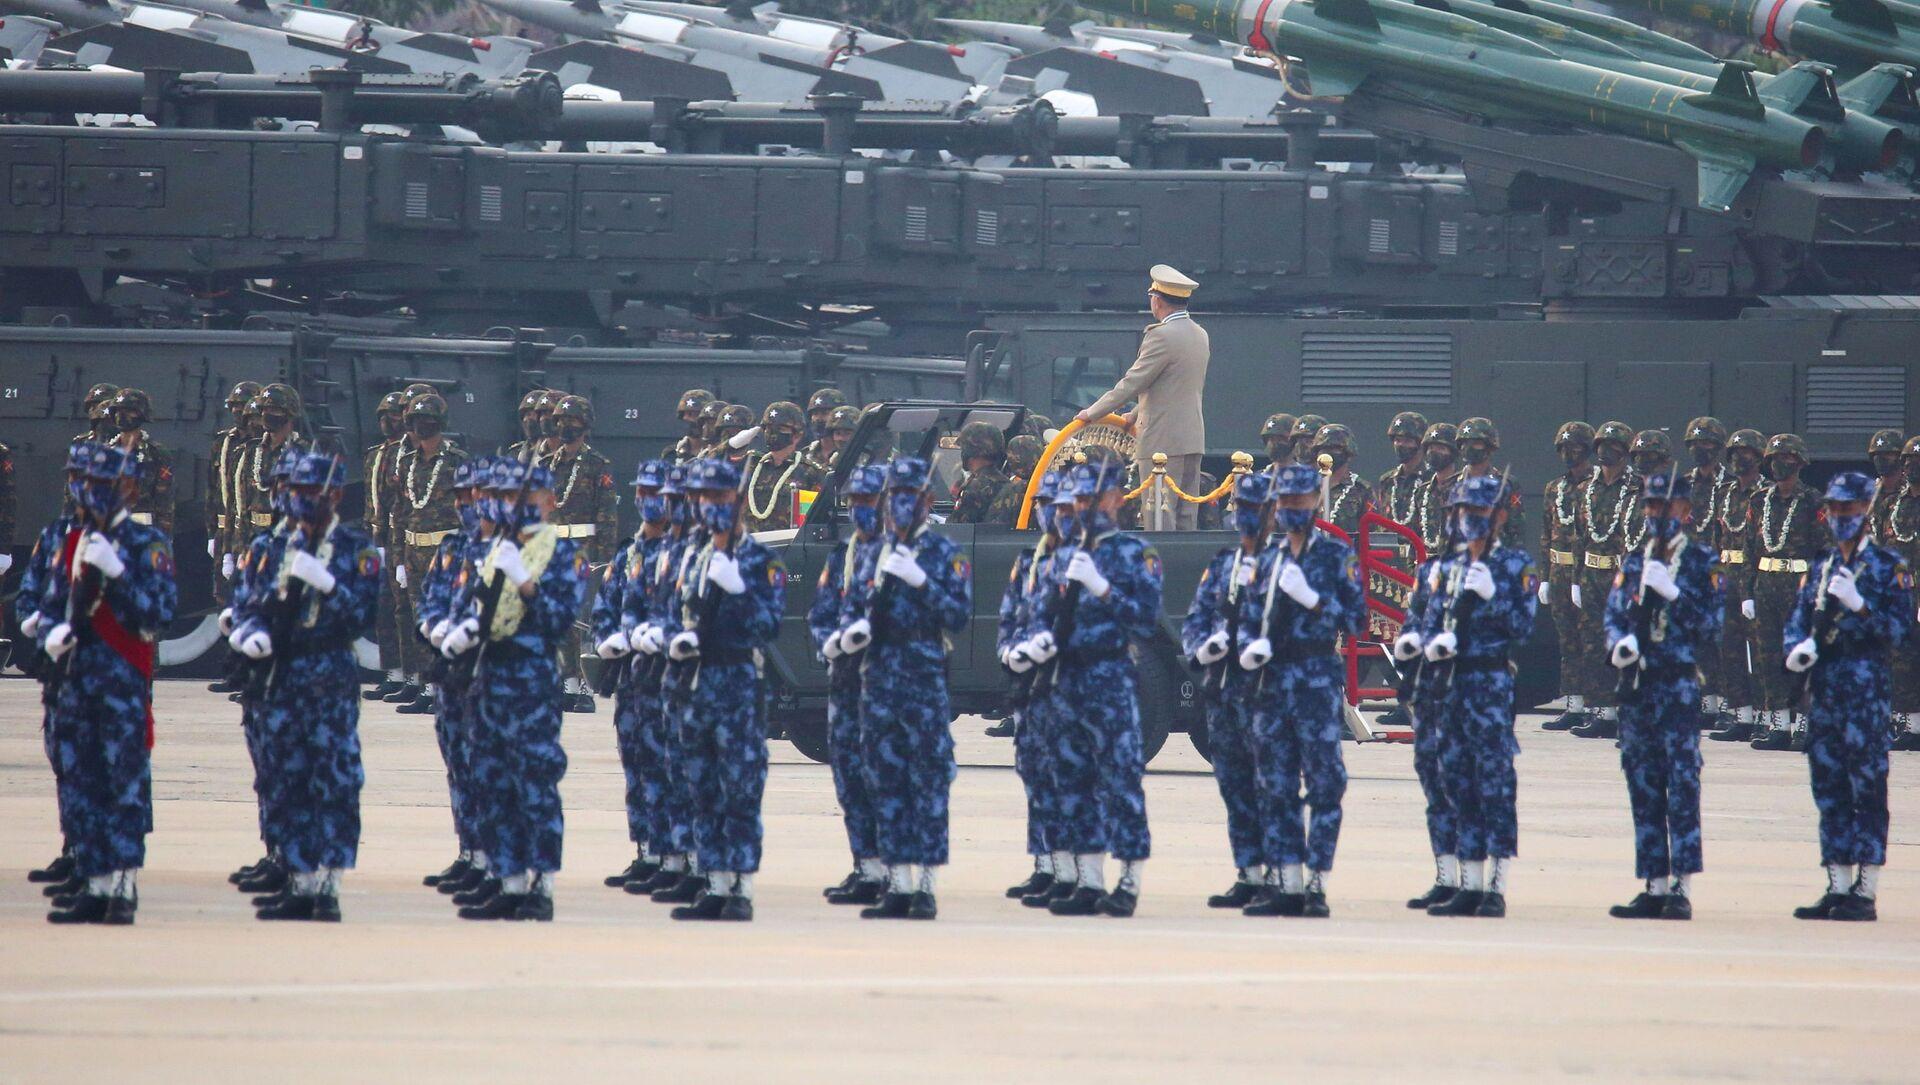 Duyệt binh kỷ niệm 76 năm ngày thành lập Lực lượng vũ trang Myanmar. - Sputnik Việt Nam, 1920, 29.03.2021